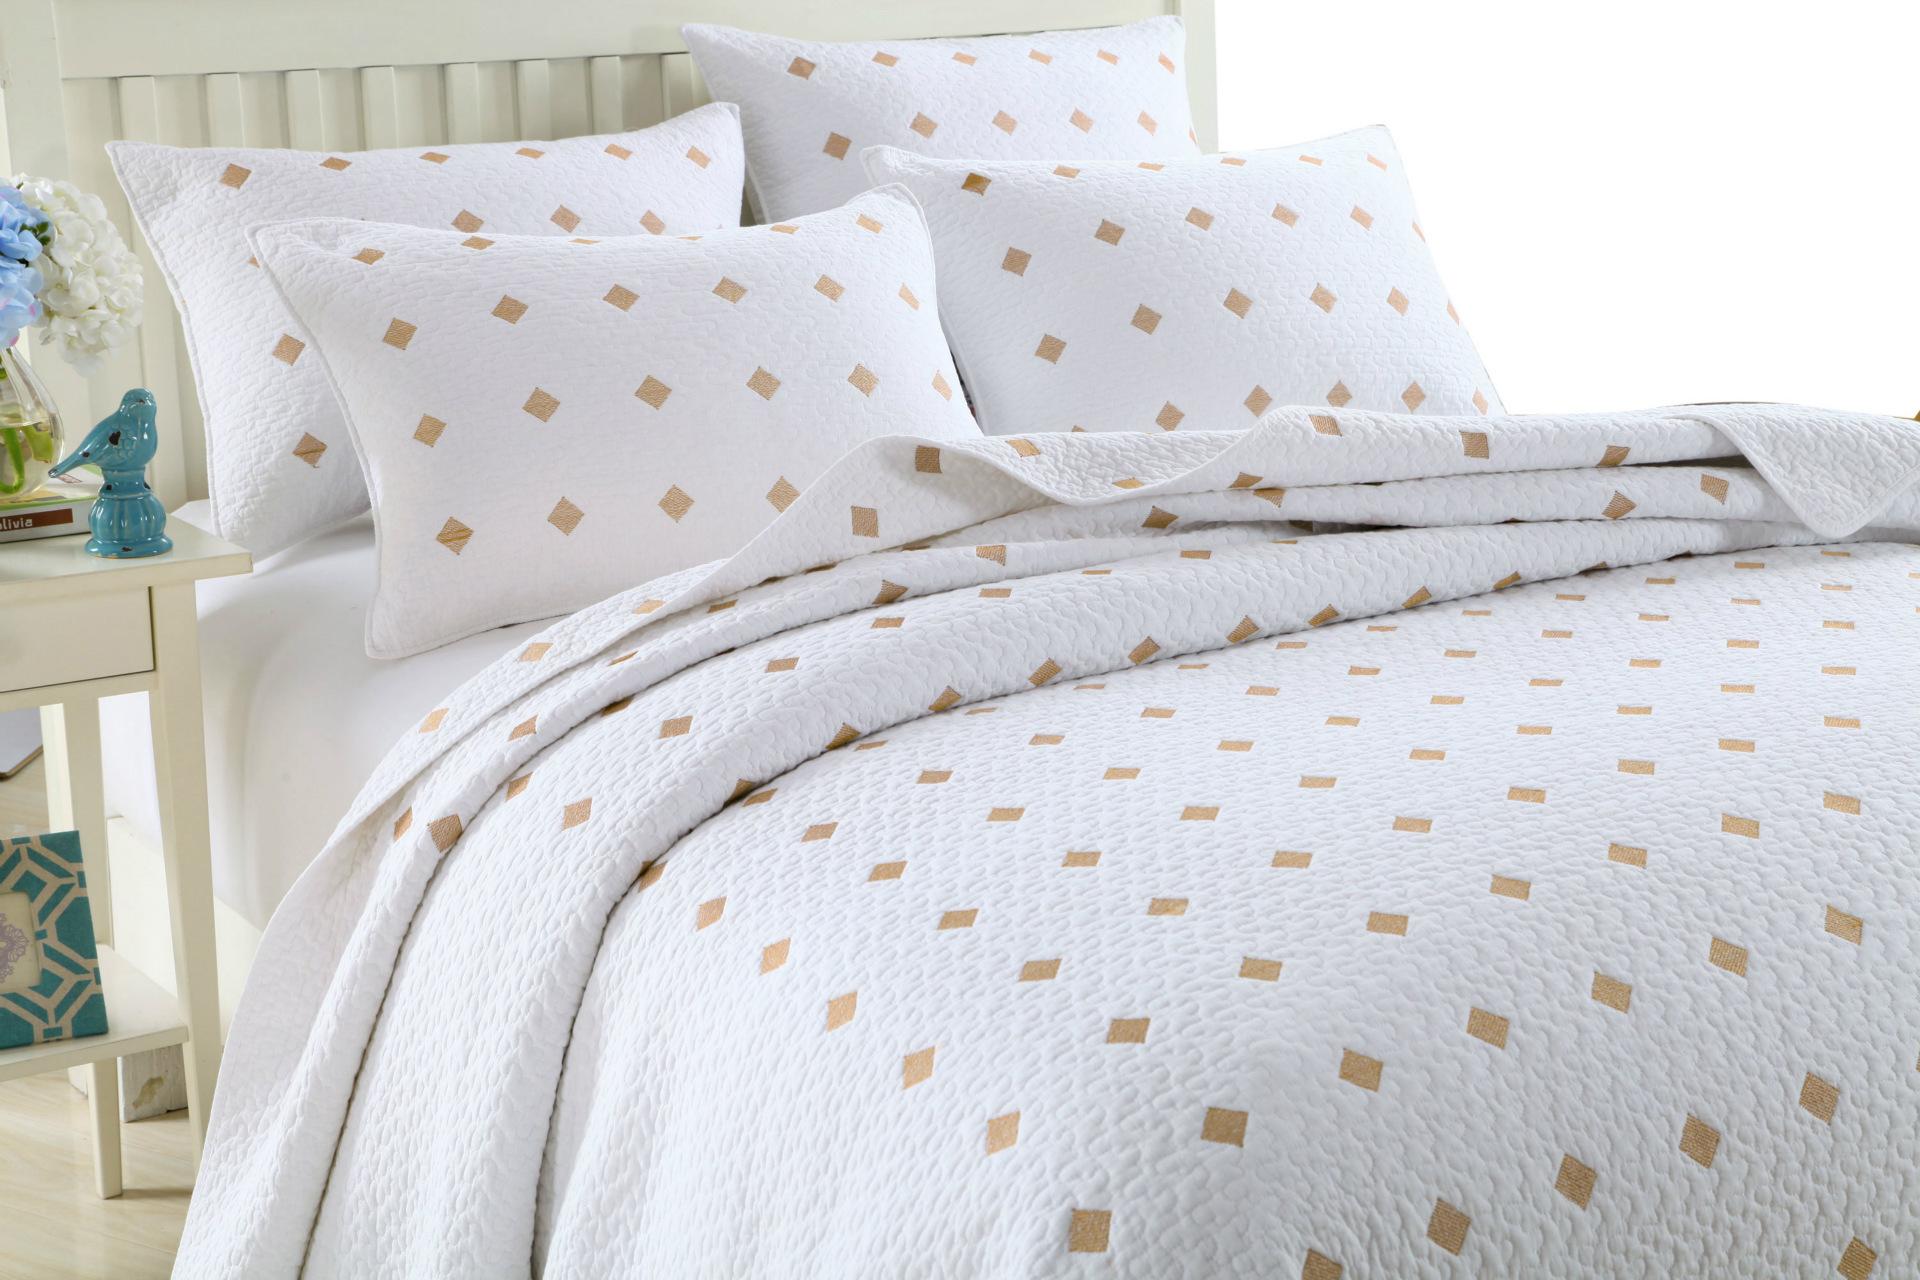 Khăn trải giường mùa xuân 3 mảnh màu trắng có in hình trang trí